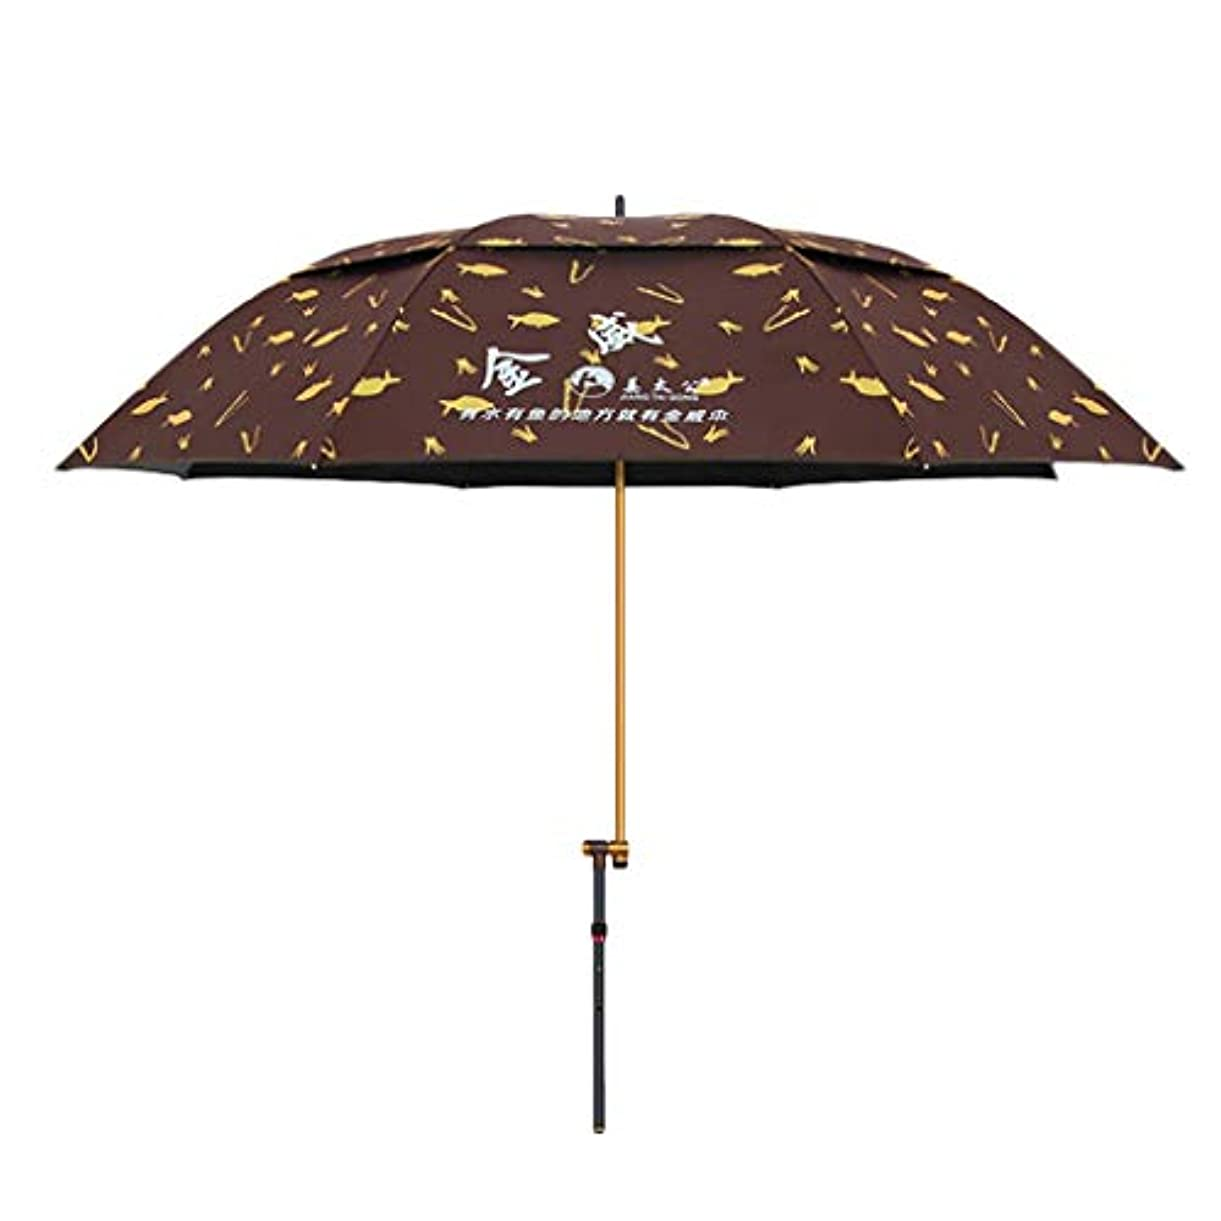 騒々しい肘掛け椅子航空便太陽傘マグネシウムアルミ合金日焼け止め雨折りたたみ傘屋外サンシェード傘 (Size : H2.15m)